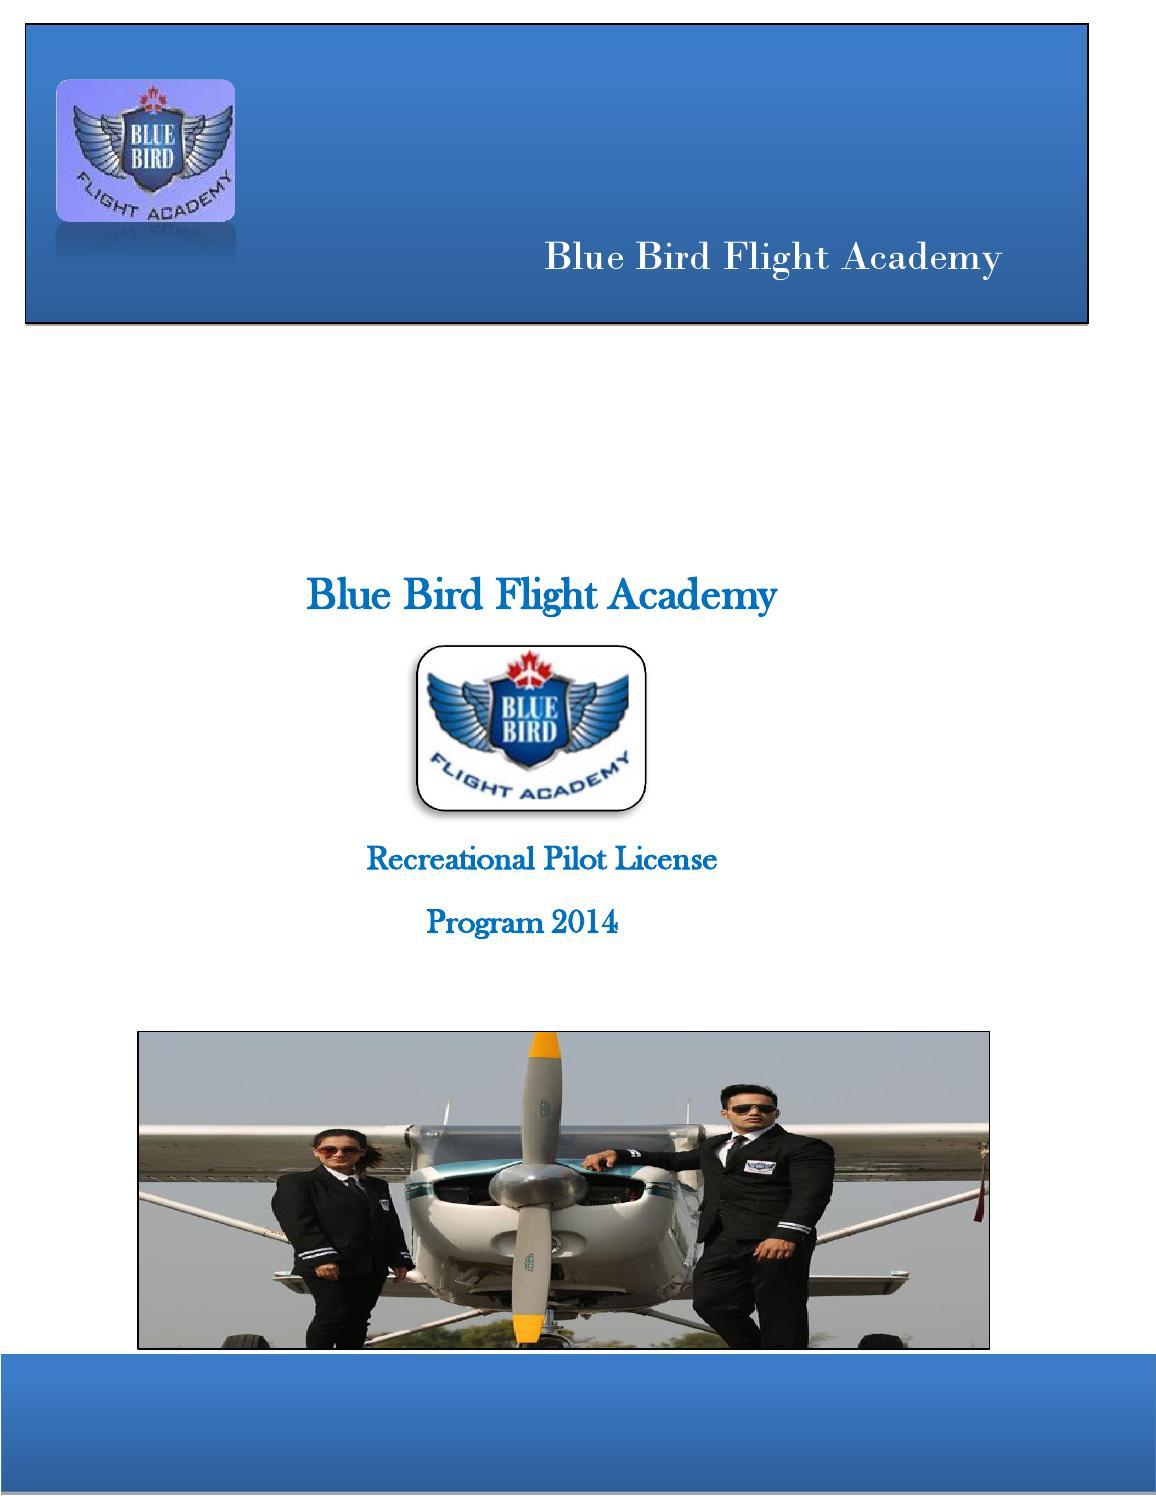 recreational pilot license bluebird